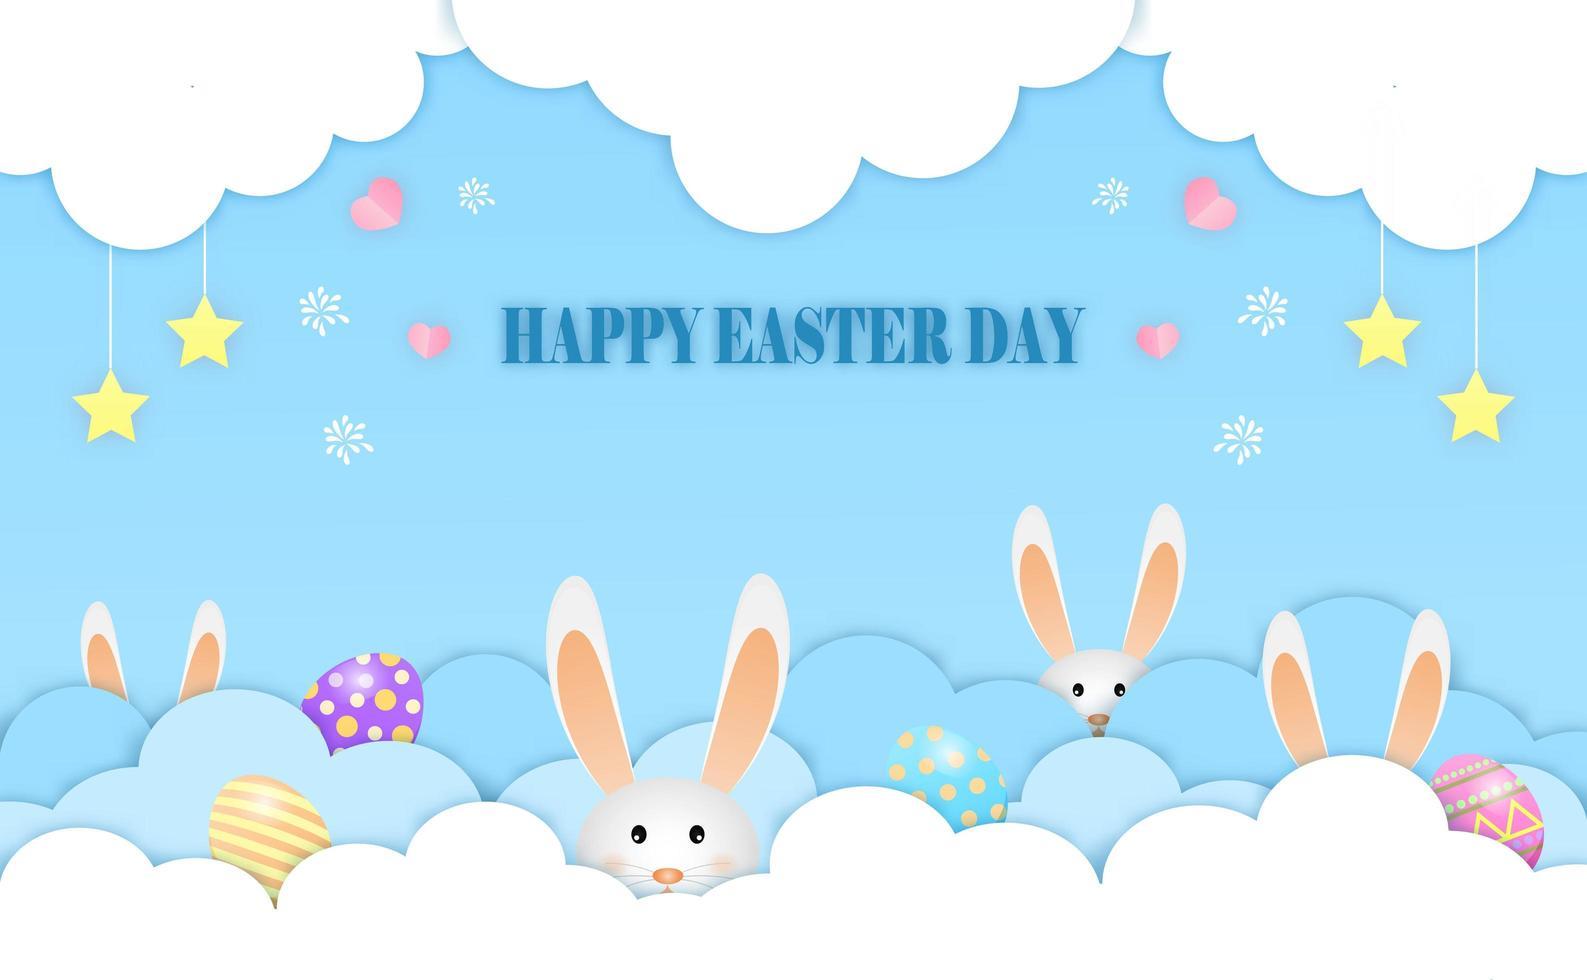 små kaniner spelar göm hud påskägg i molnen glad påsk vykort av vektor. vektor